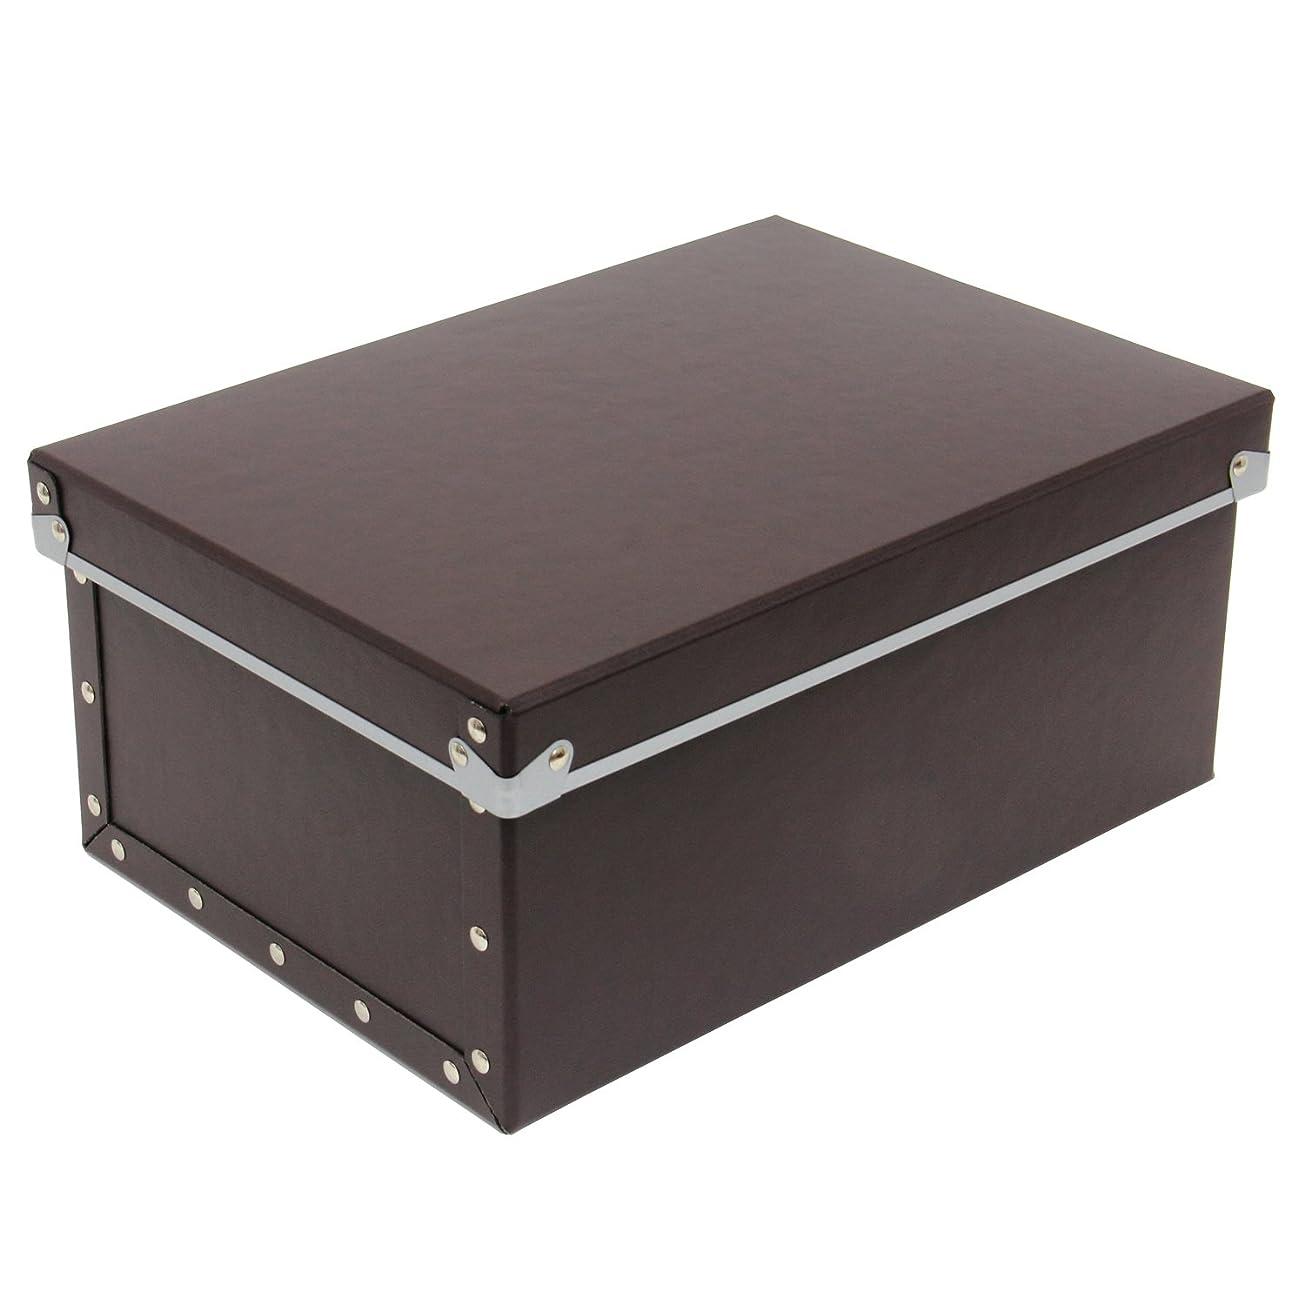 非難する想起混乱した安達紙器 収納ケース 硬質パルプ ボックス フタ式 (幅25.5×奥行36×高さ16cm) PBF-816 ブラウン